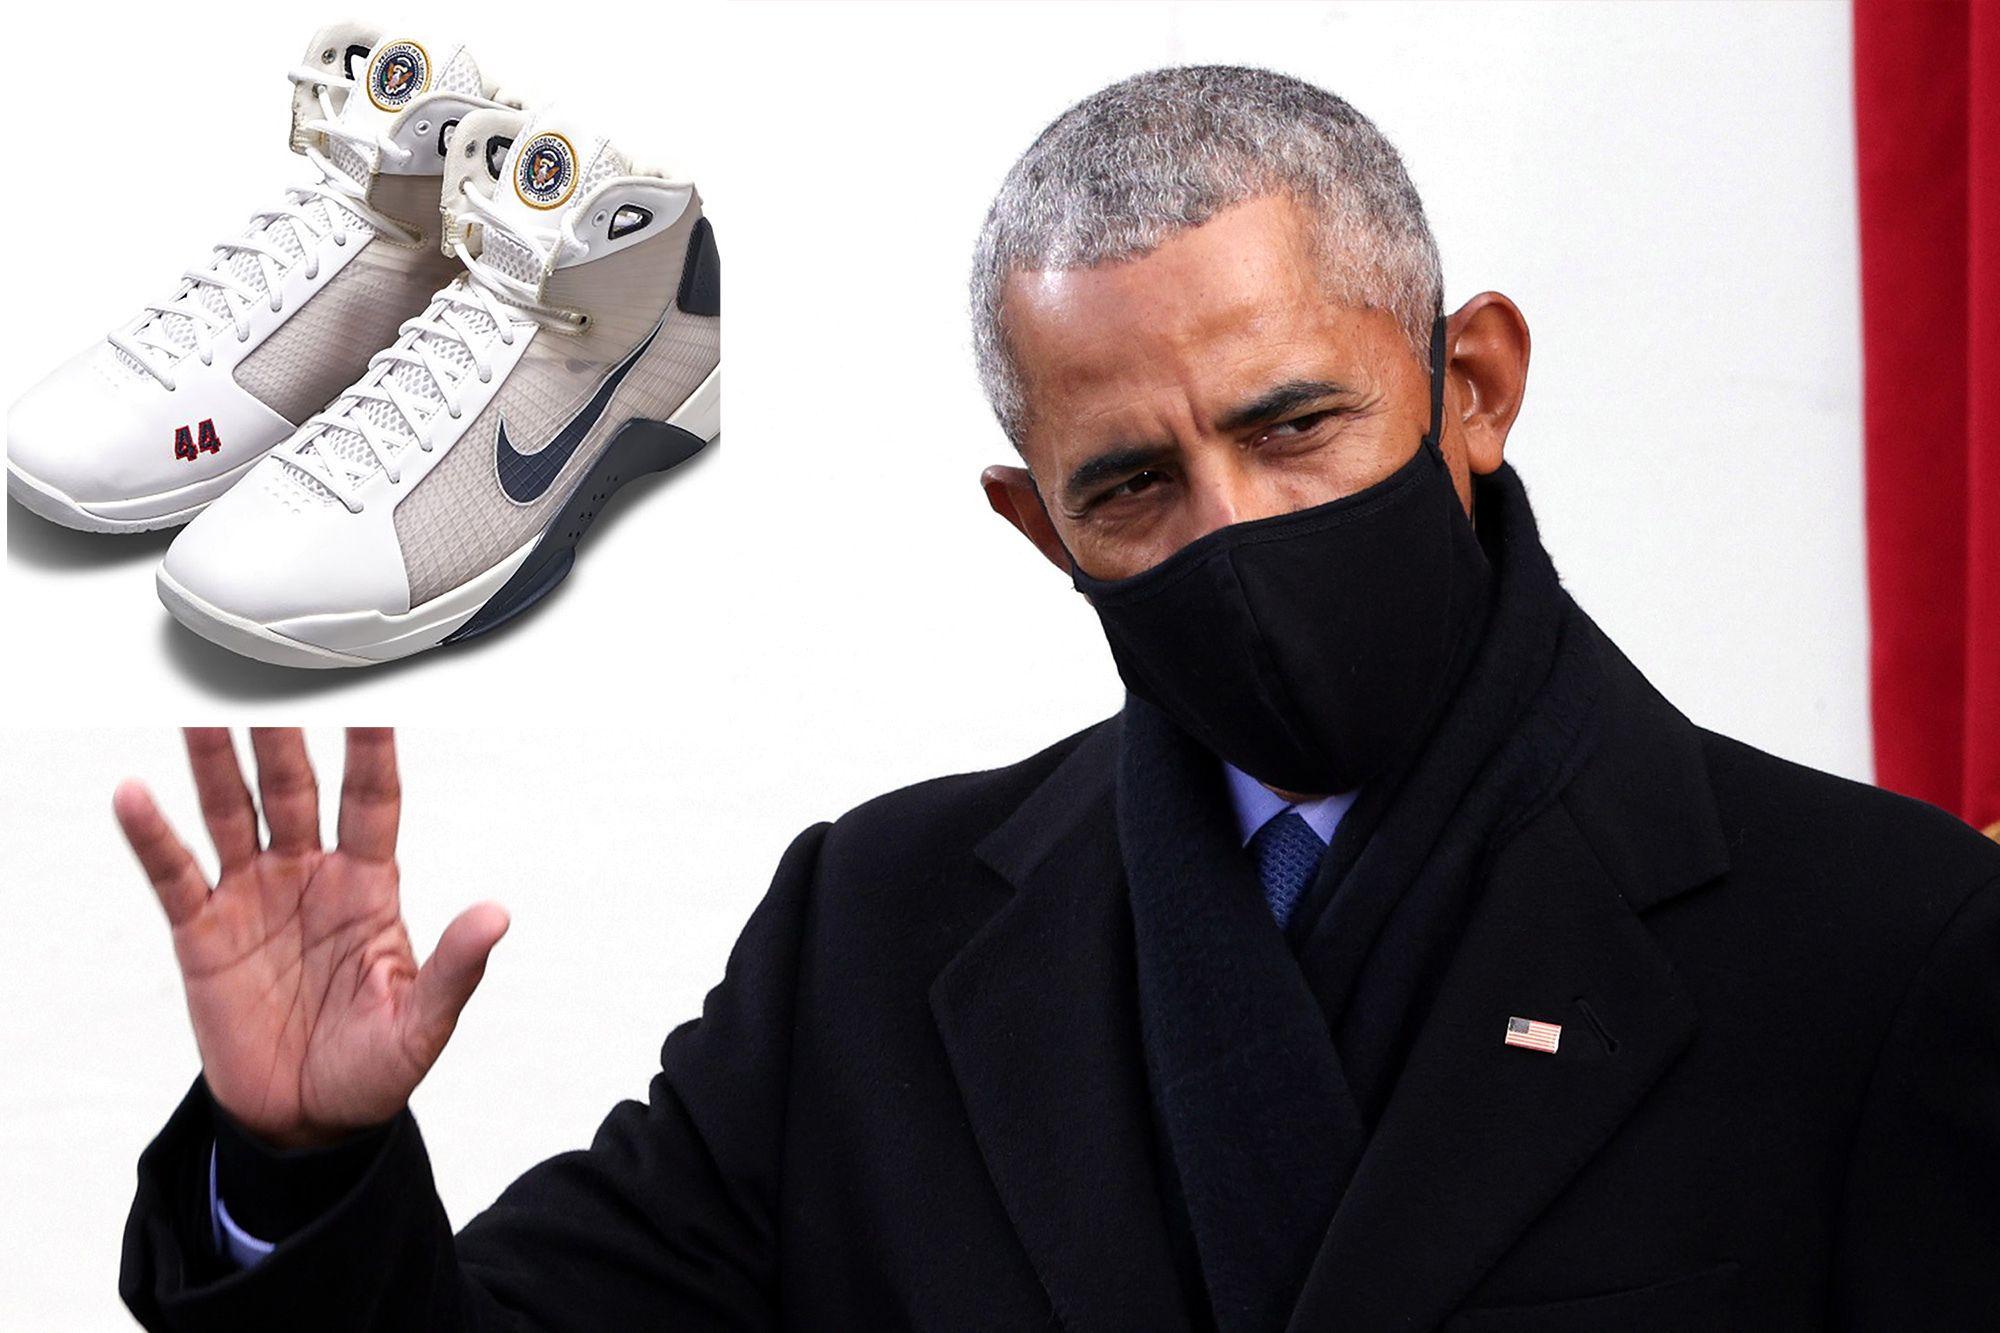 Atletet e dizajnuara në nder të Obamës, kapin vlerën 25,000 dollarë!